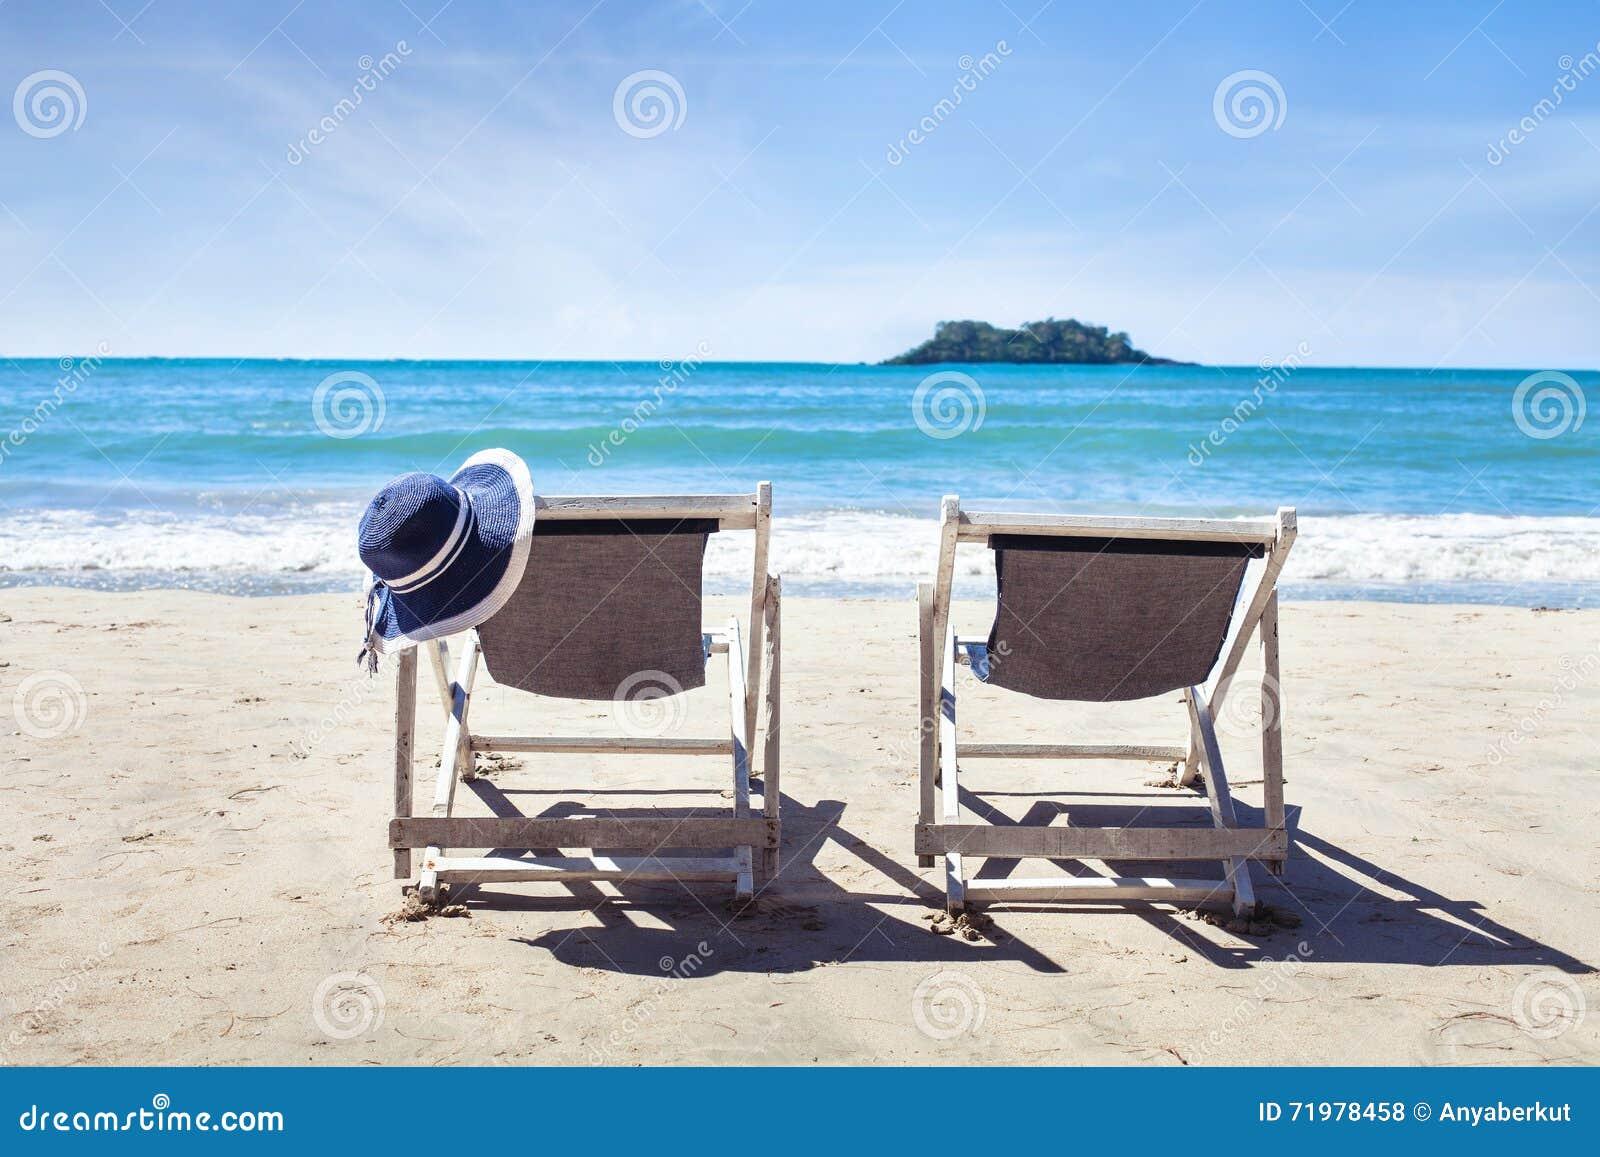 Summer holidays on paradise beach